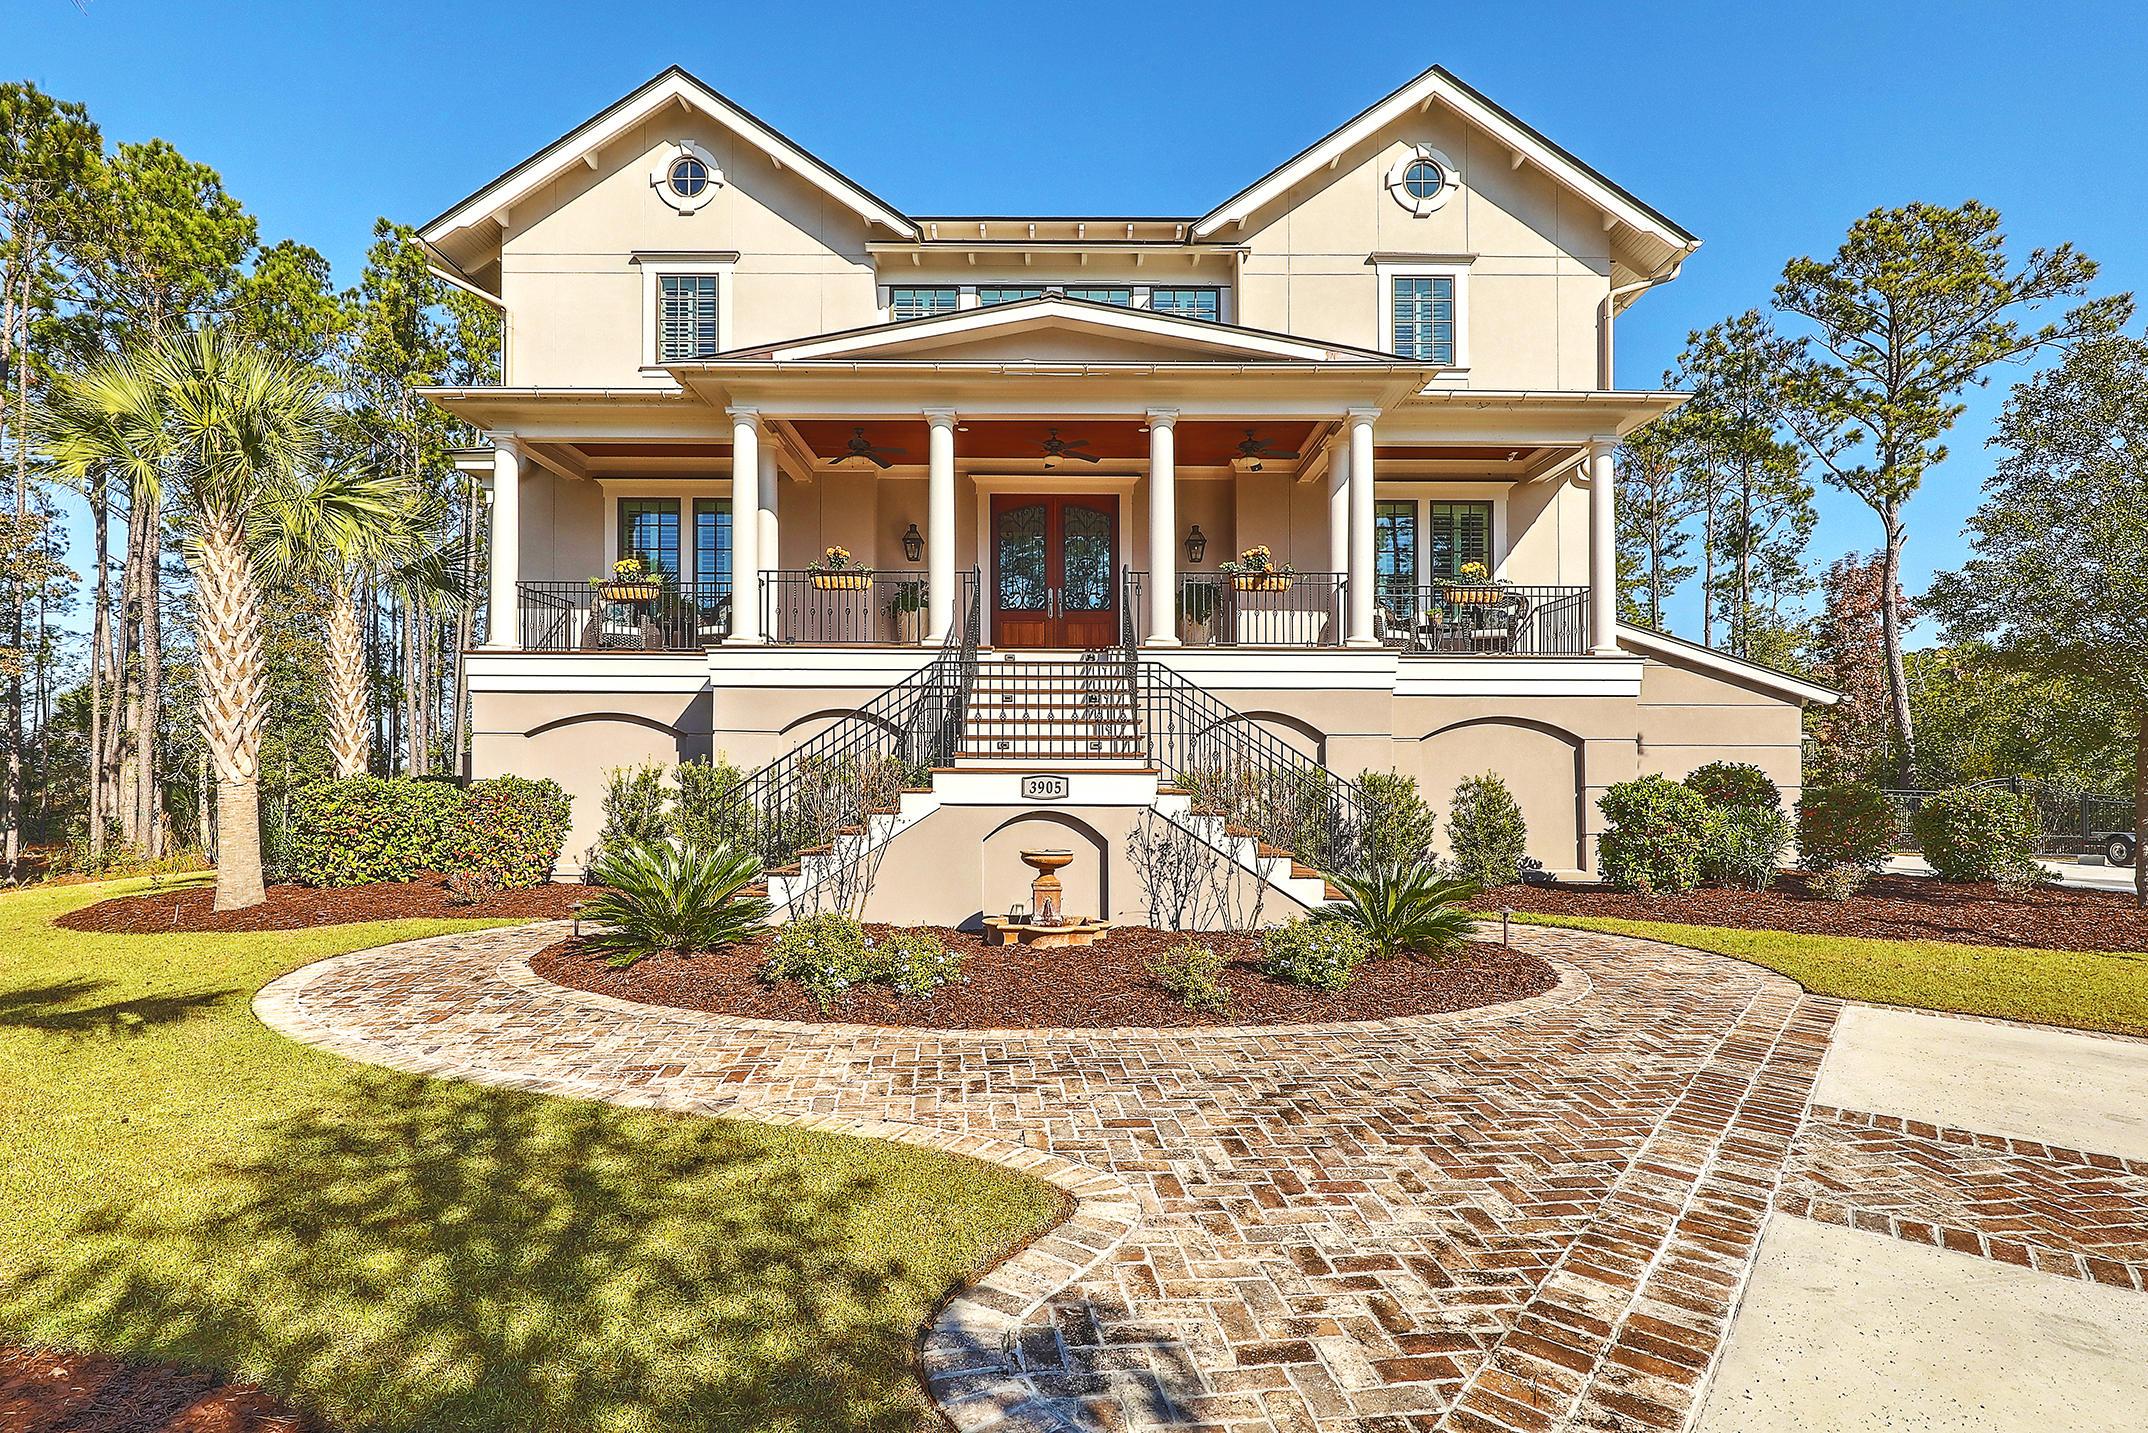 Park West Homes For Sale - 3905 Ashton Shore, Mount Pleasant, SC - 28